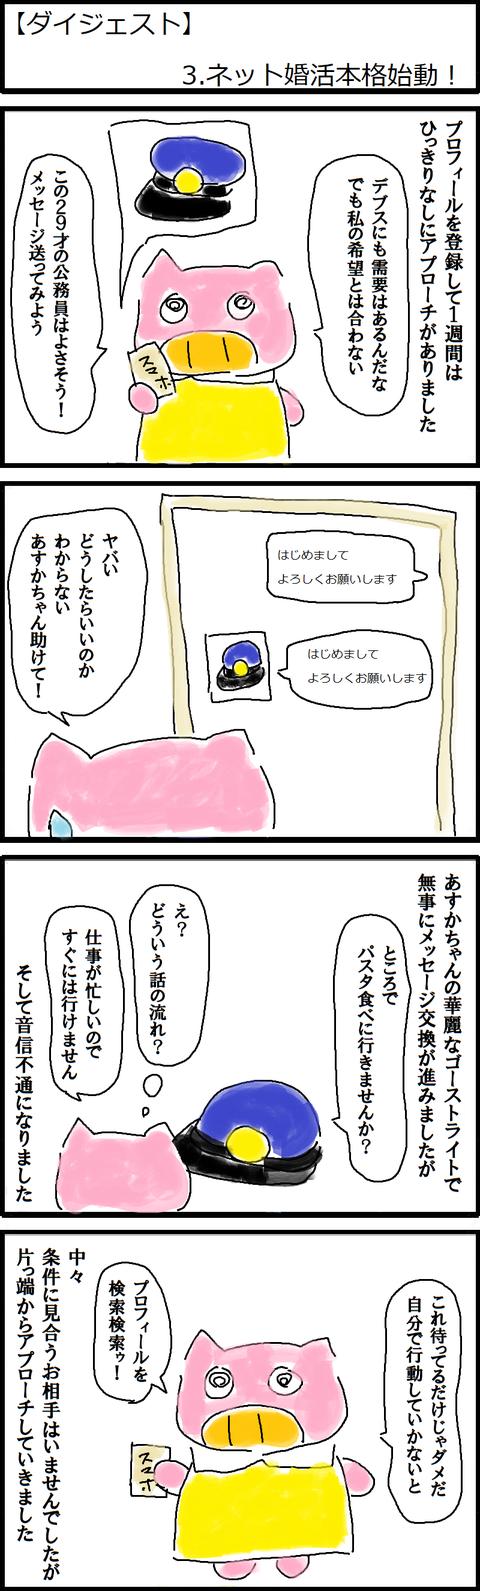 【ダイジェスト】3.ネット婚活本格始動!